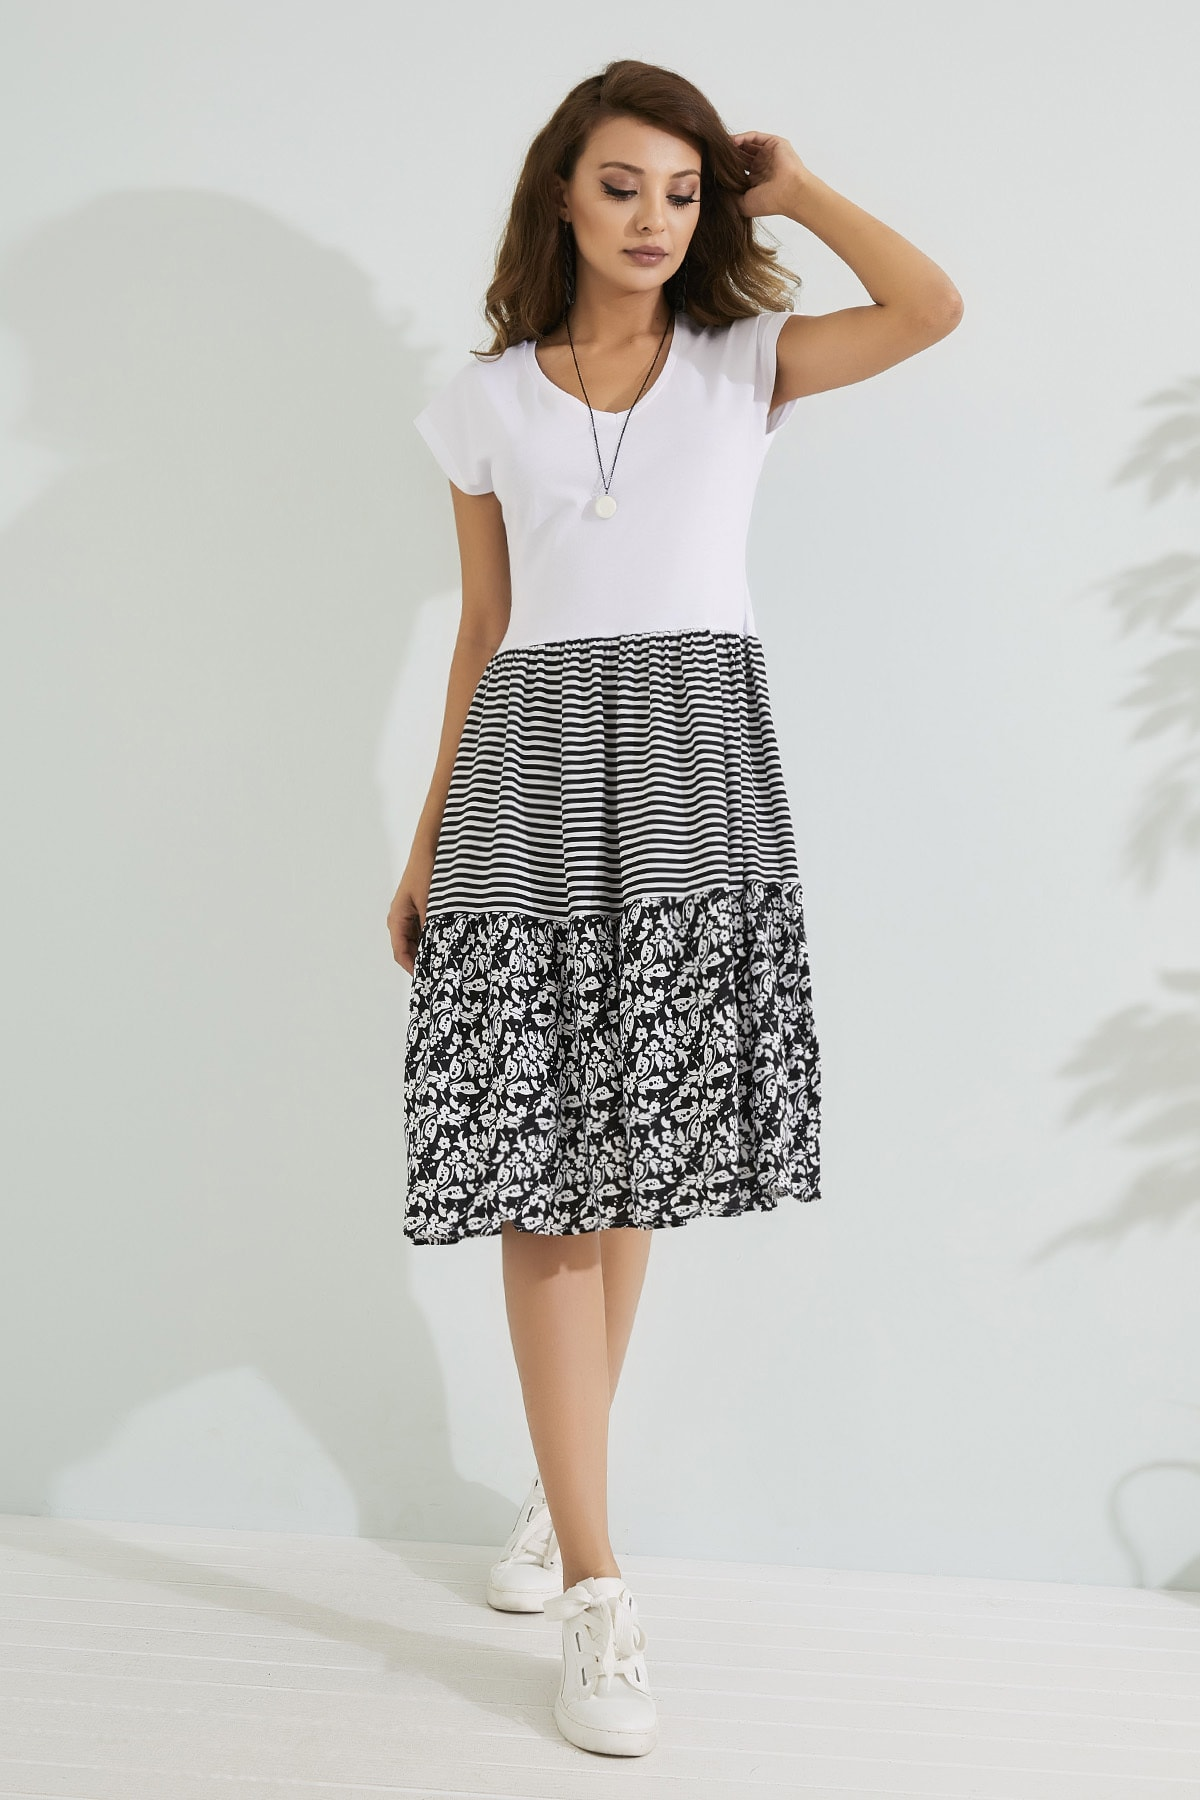 Sateen Kadın Desenli Üstü Penye Altı Poplin Elbise  STN233KEL129